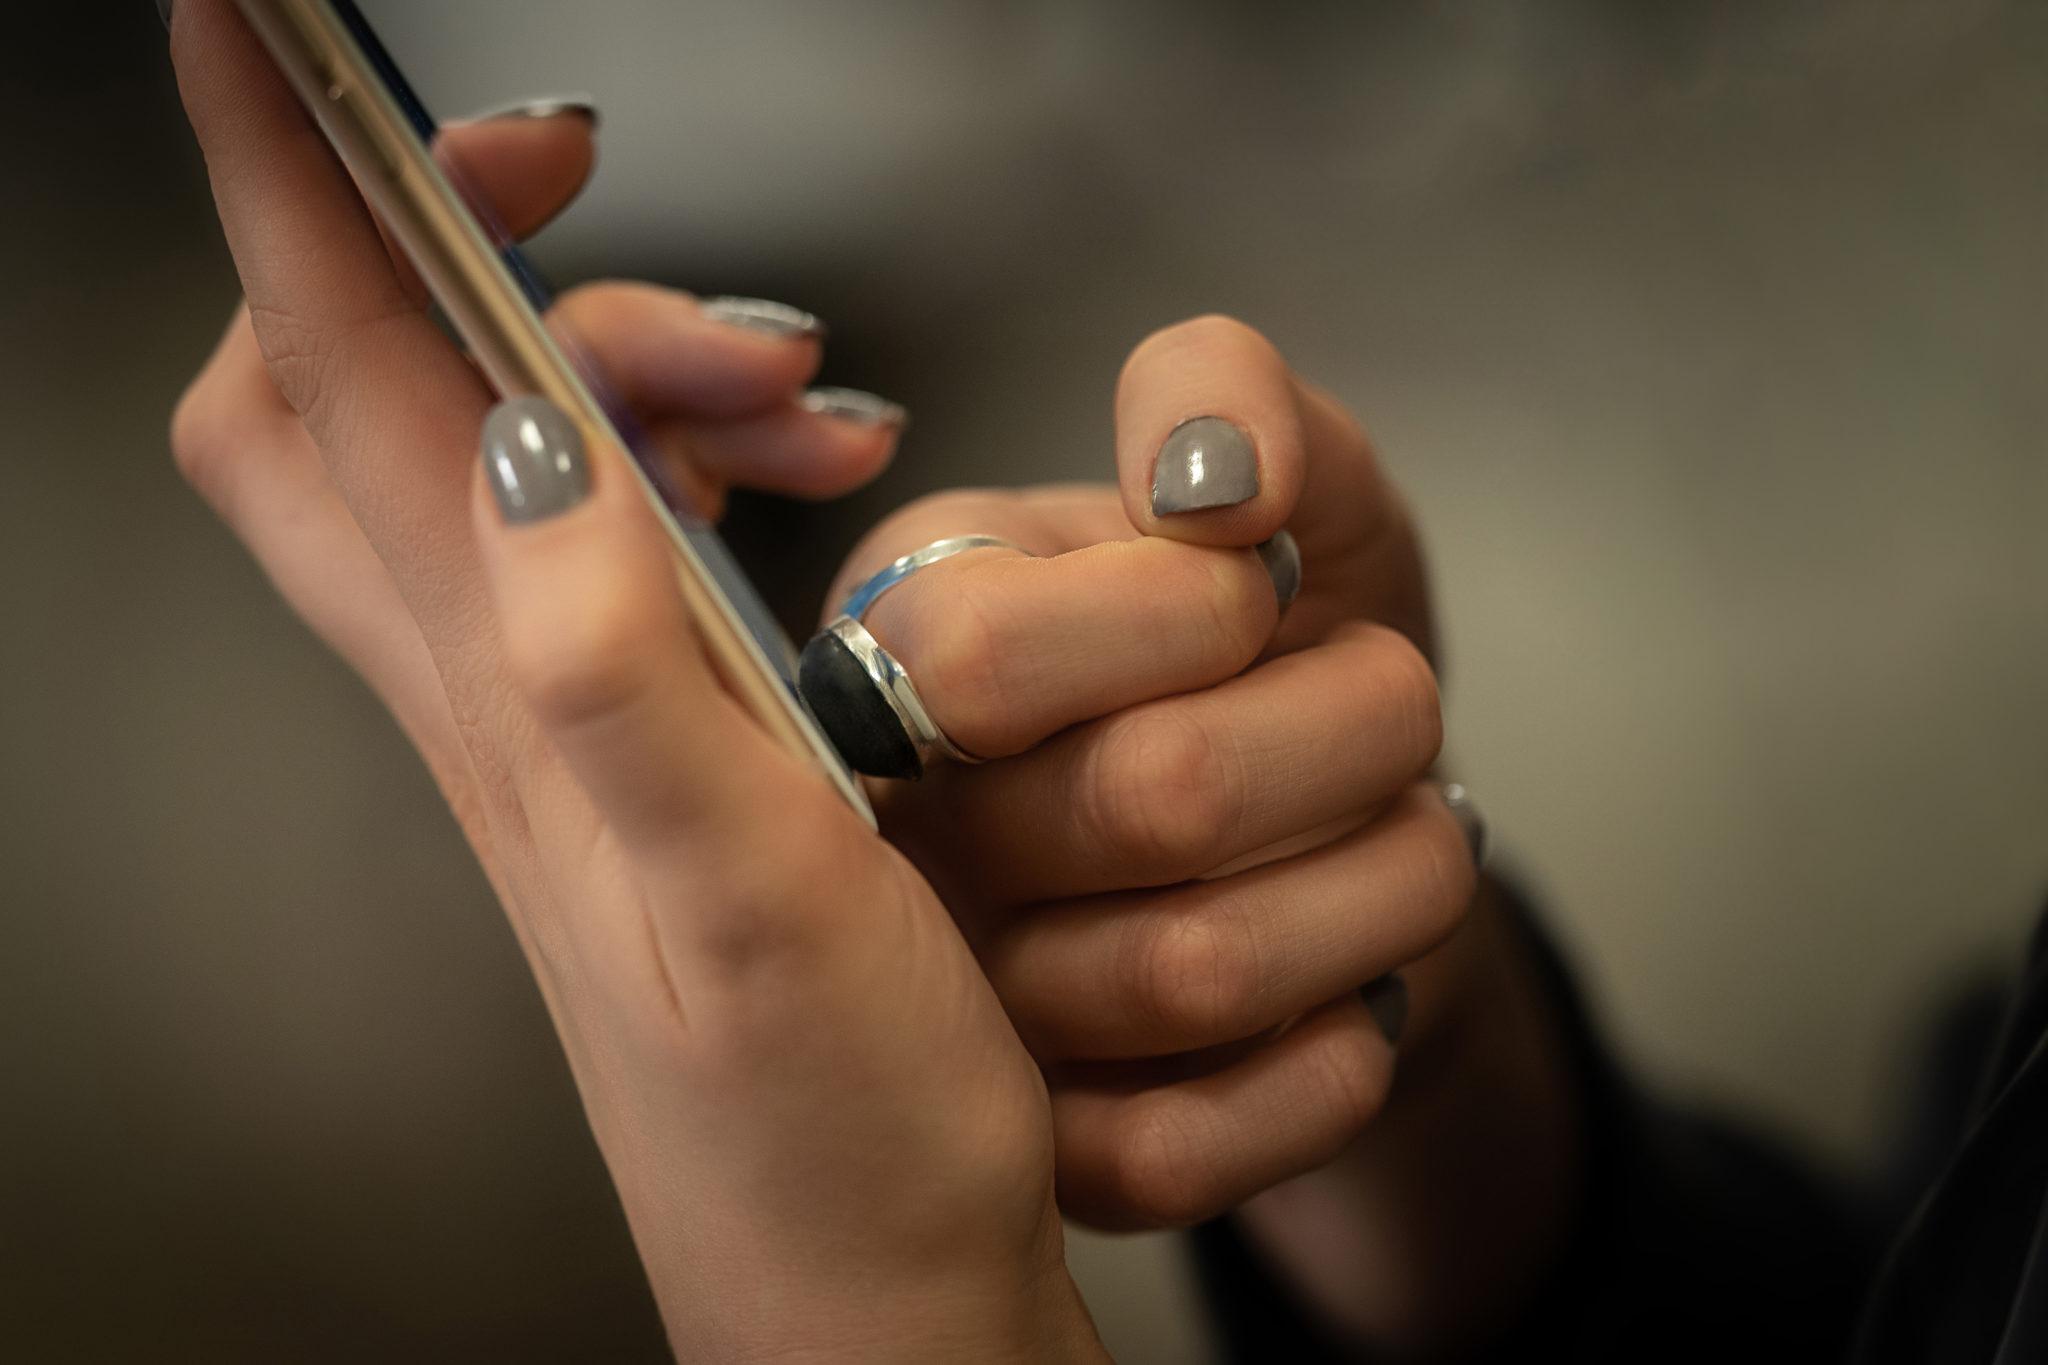 Anillo Kapersky con huella dactilar